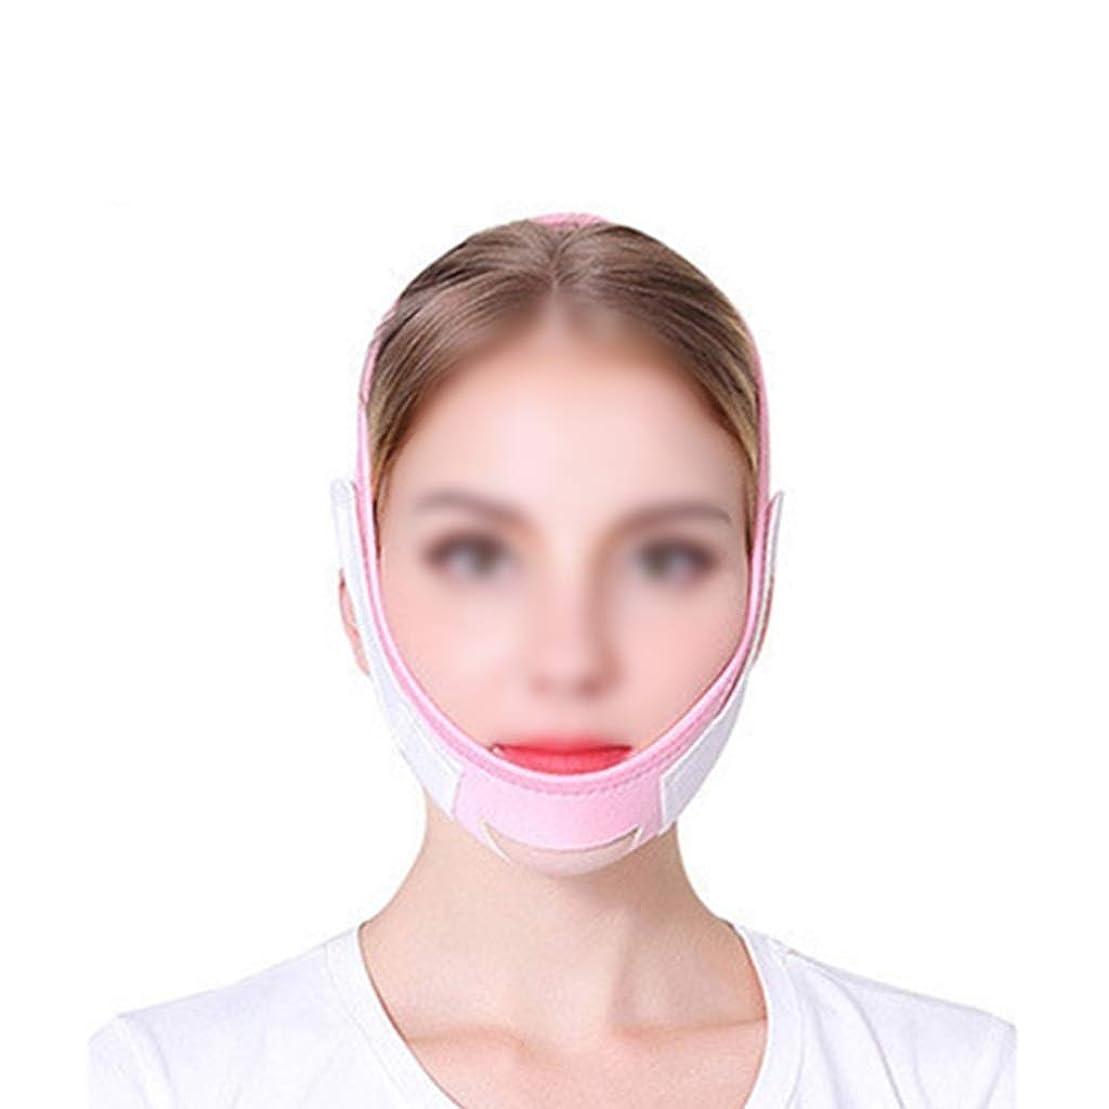 短くするラベンダー冗談でXHLMRMJ しわ防止フェイシャル減量ベルト、フェイスリフティング包帯、フェイスリフティングマスク、リフティングフェイスバンド、スキンバンデージ(フリーサイズ) (Color : Powder white)